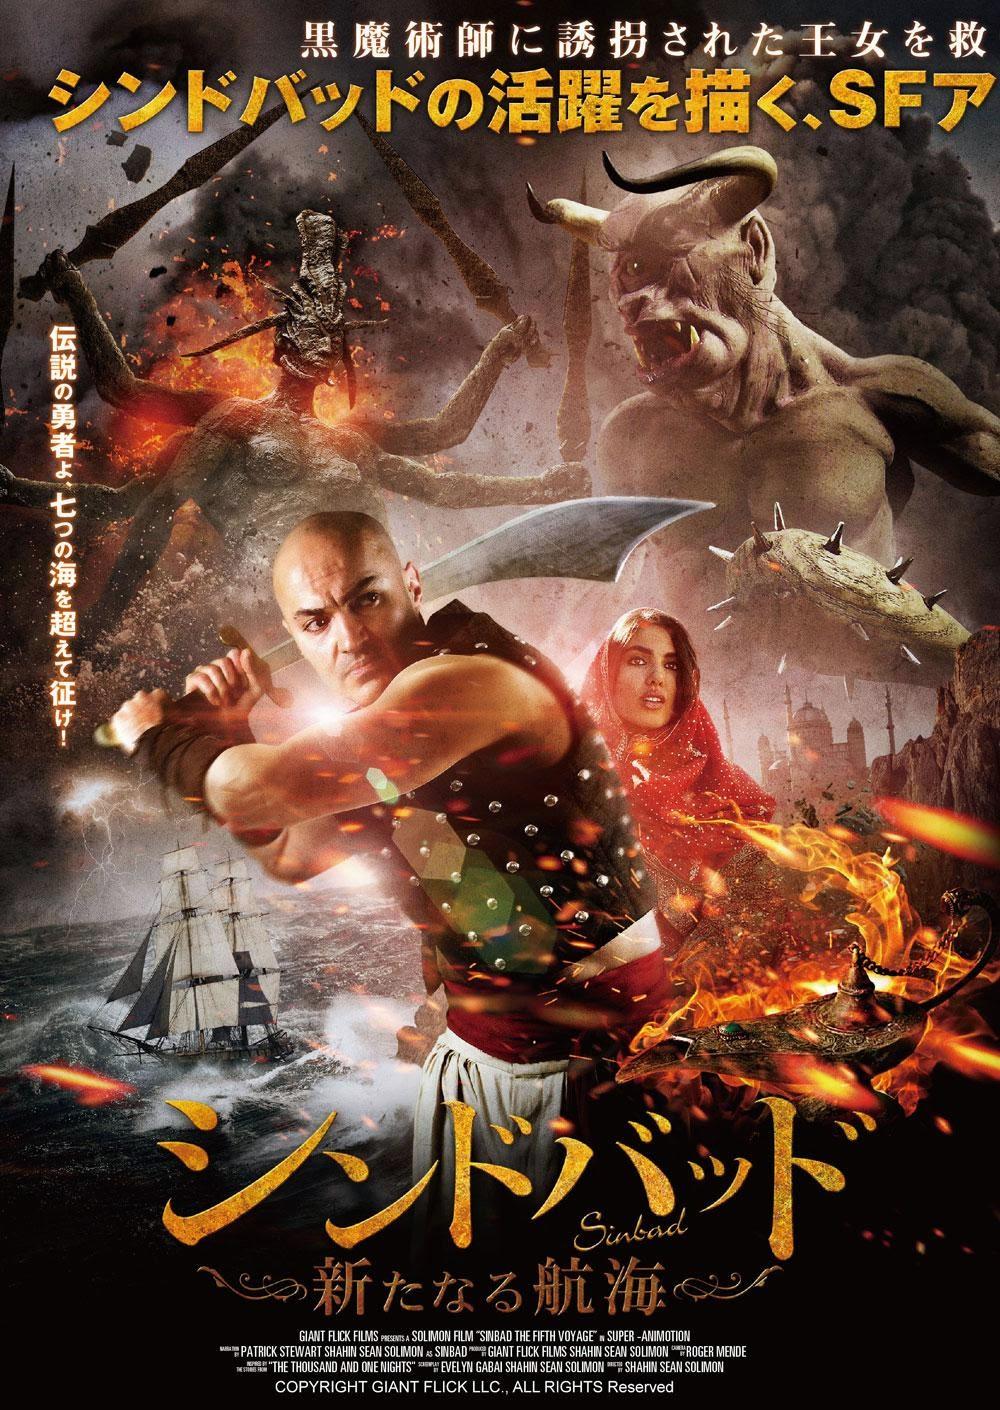 Sinbad The Fifth Voyage ซินแบด พิชิตศึกสุดขอบฟ้า [HD][พากย์ไทย]